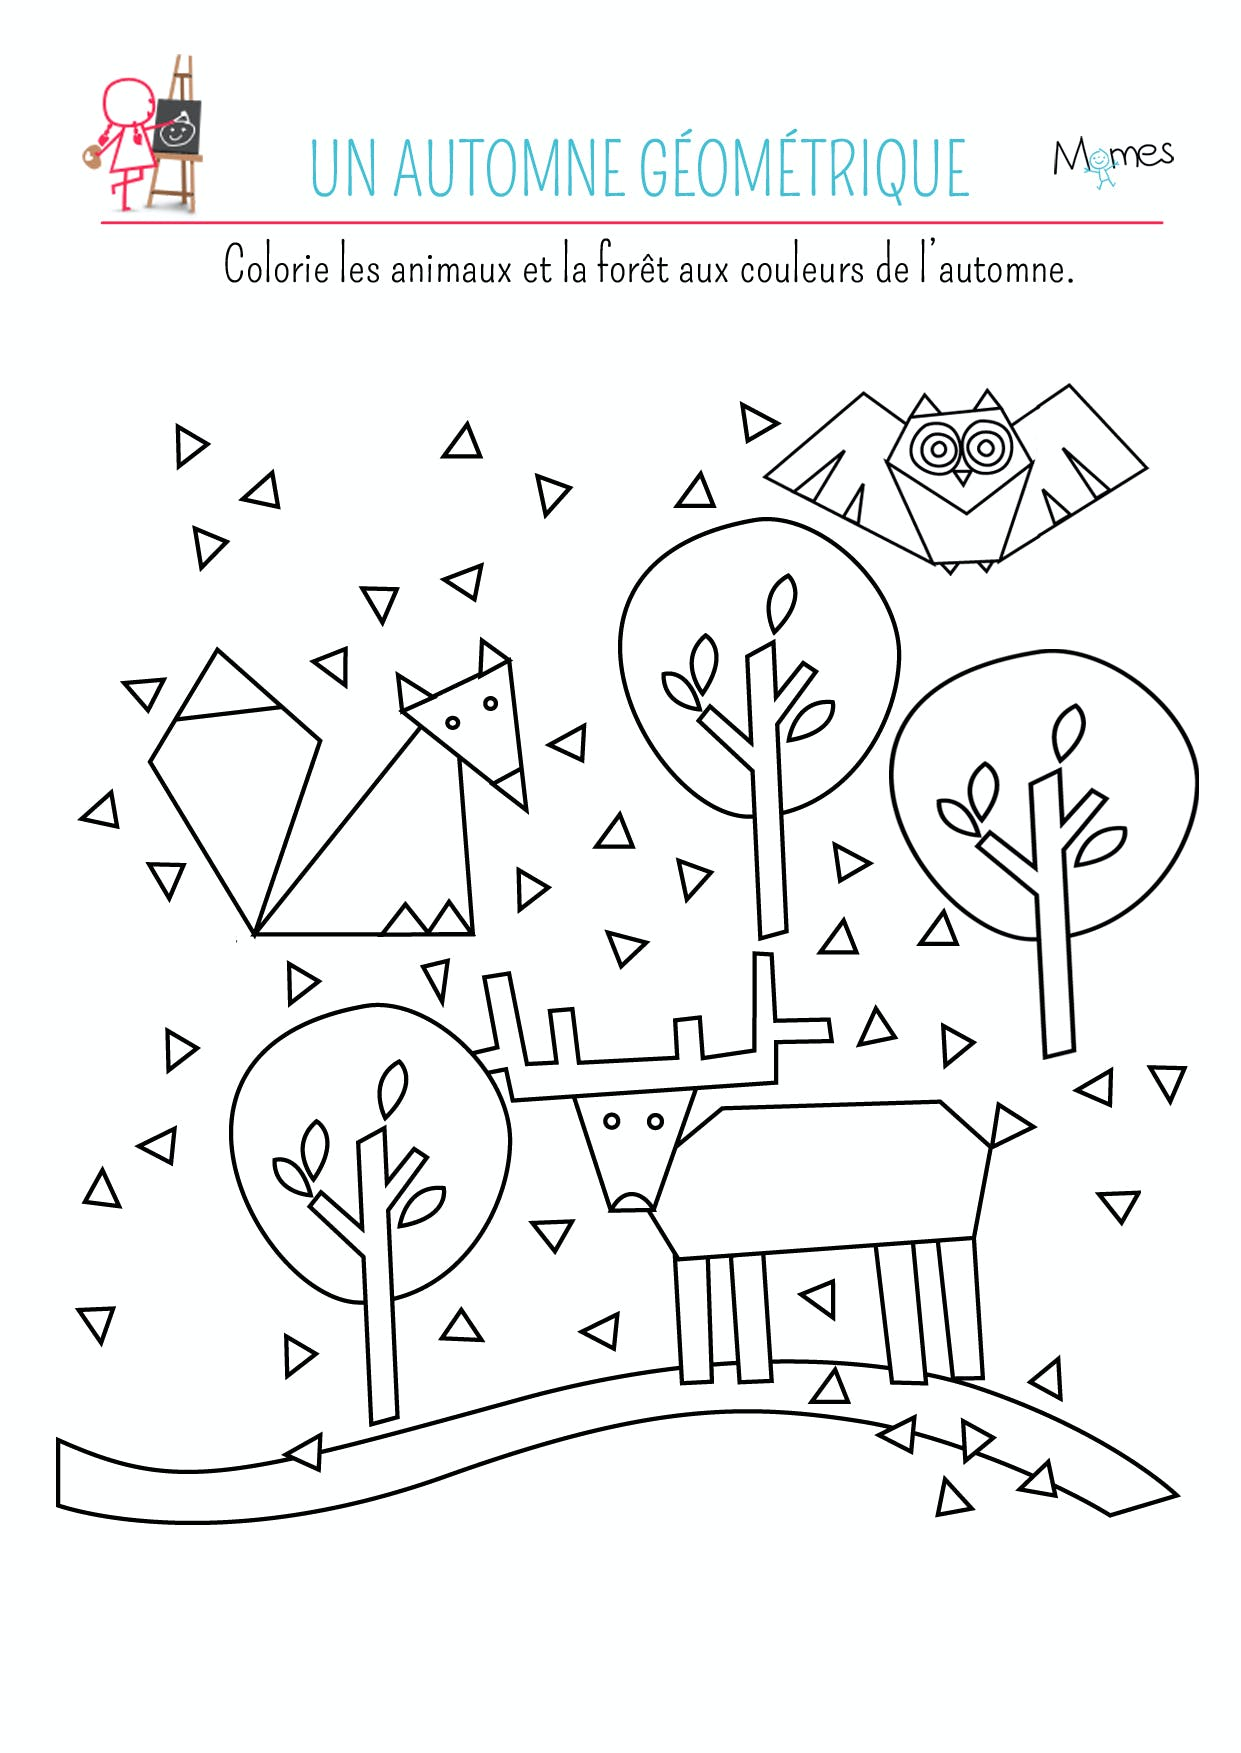 Coloriage automne g om trique - Coloriage geometrique ...